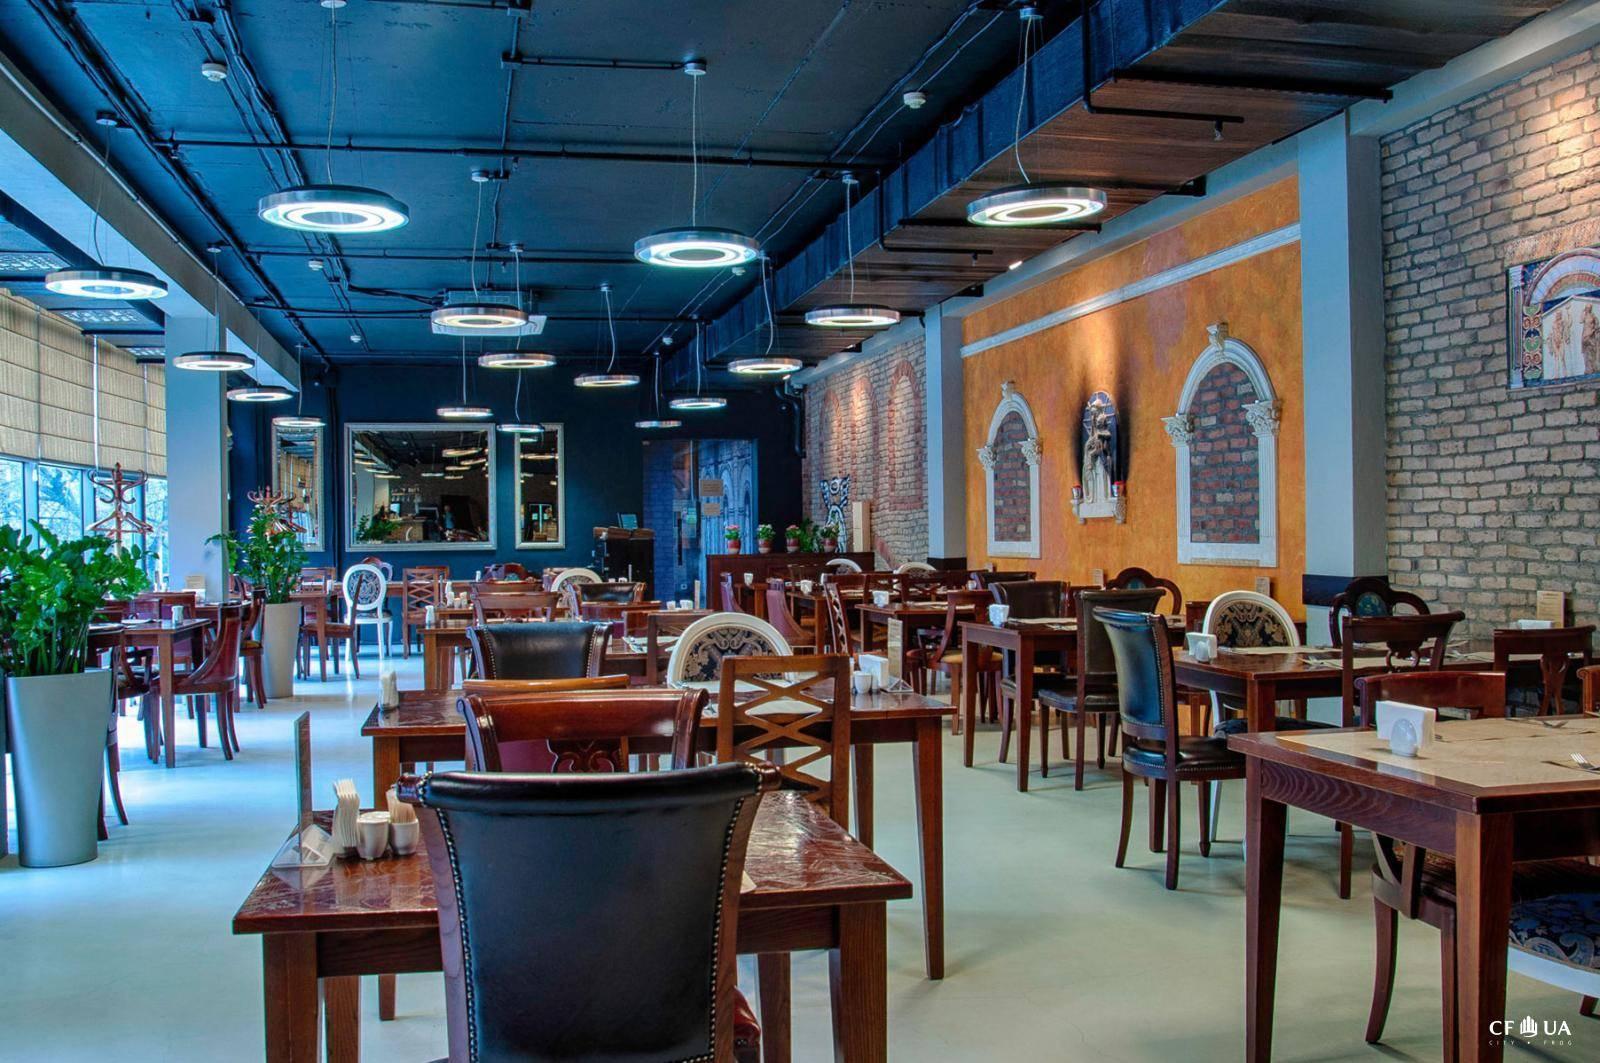 Napule Pizzeria in Kiev